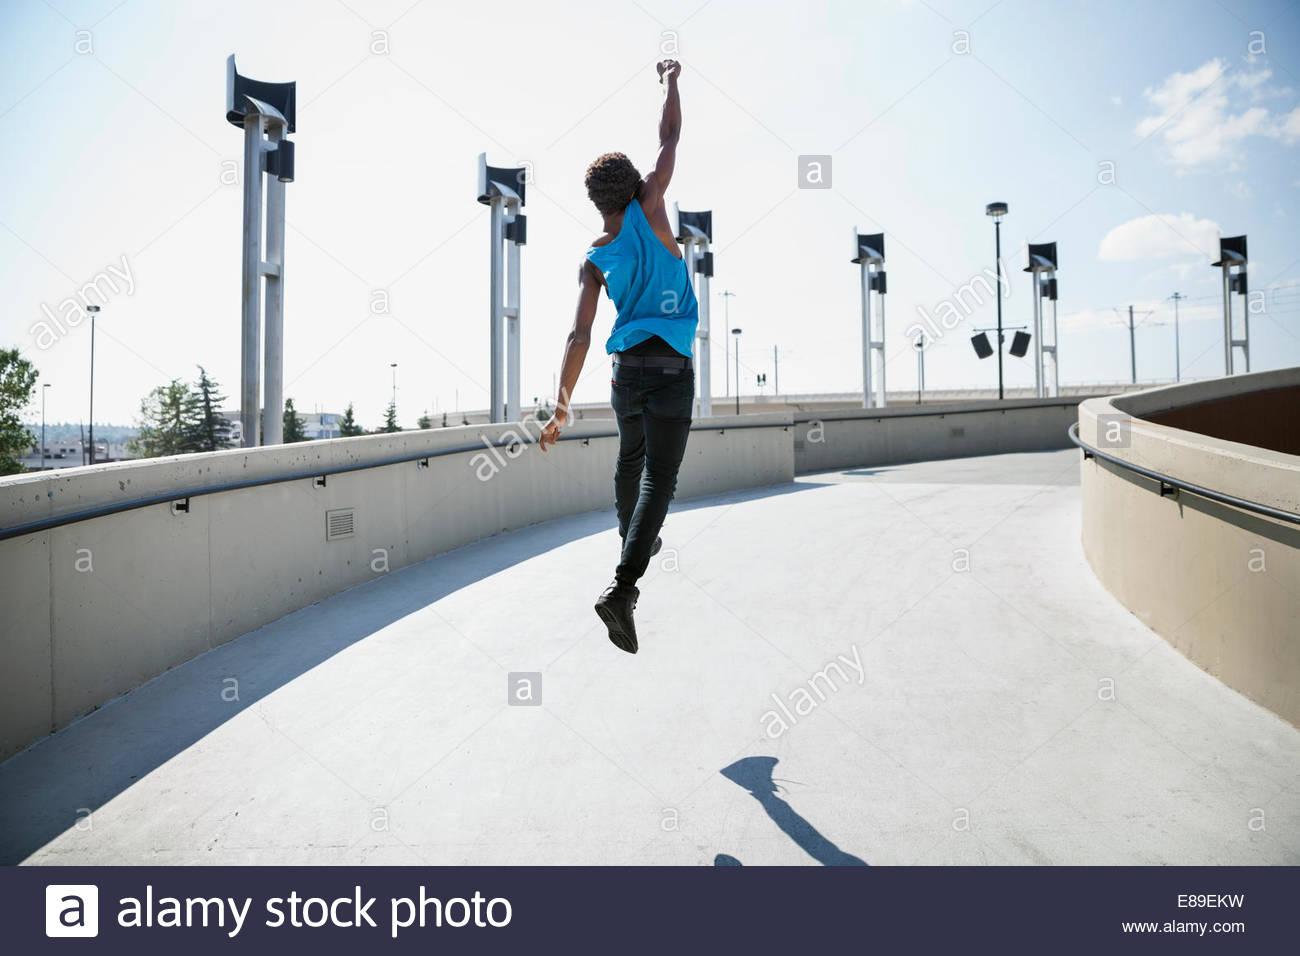 Esuberante ragazzo adolescente jumping all'aperto Immagini Stock